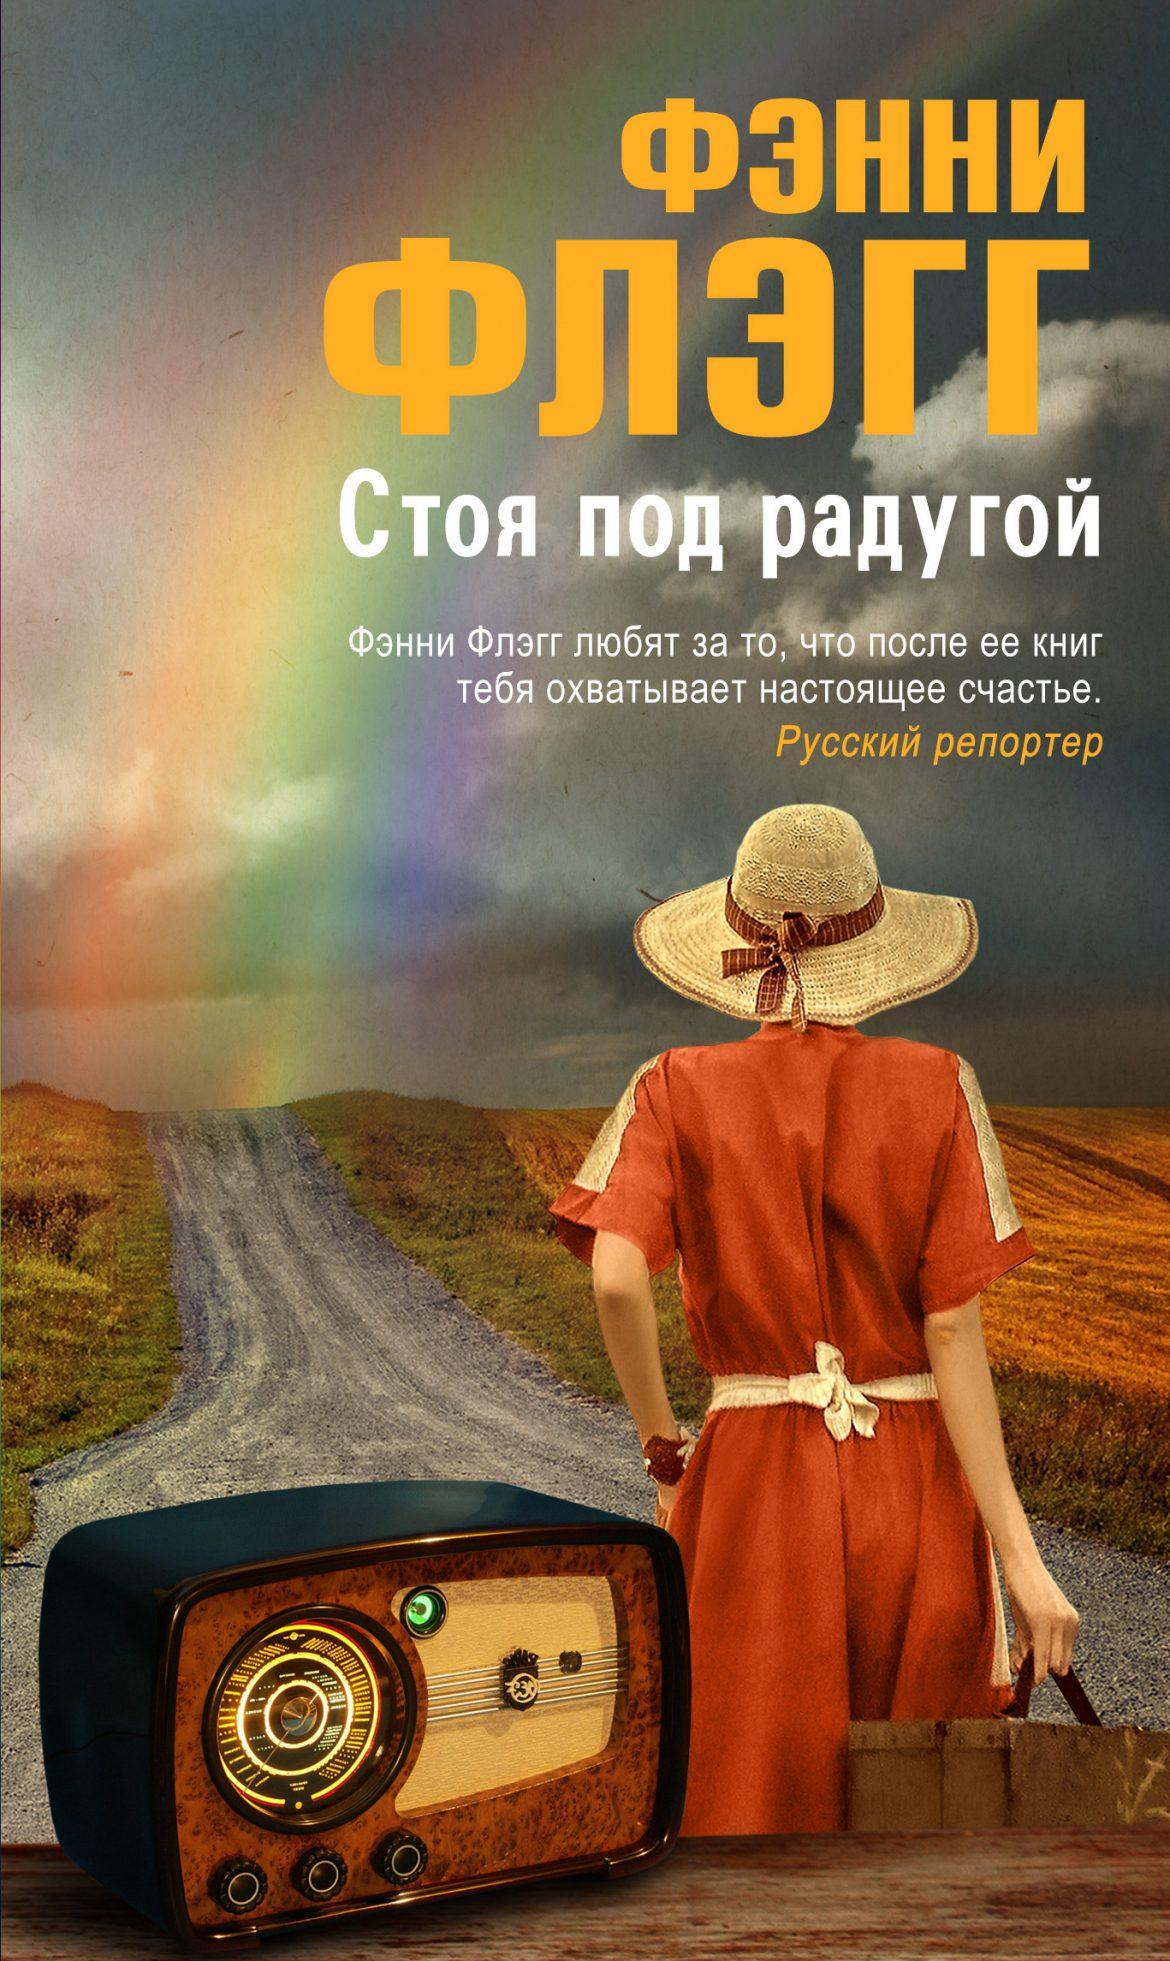 Стоя под радугой — Фэнни Флэгг